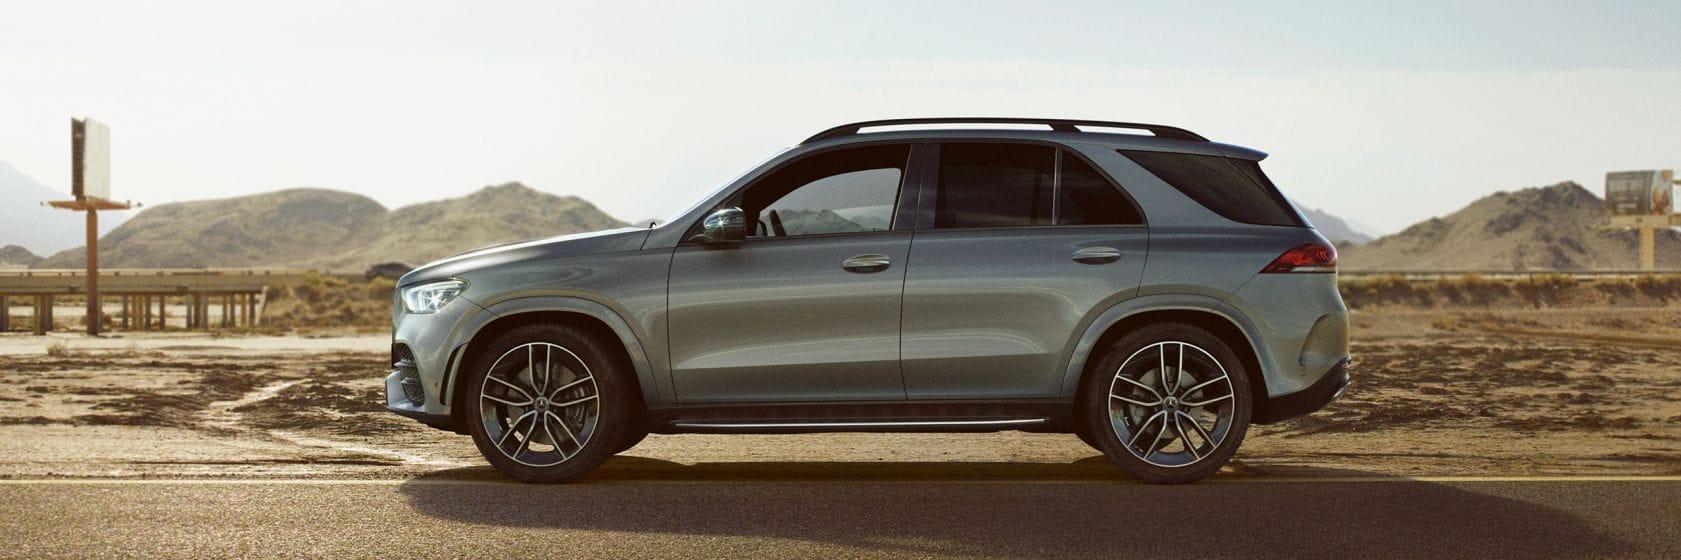 Уникальное предложение на новые модели Mercedes-Benz GLE